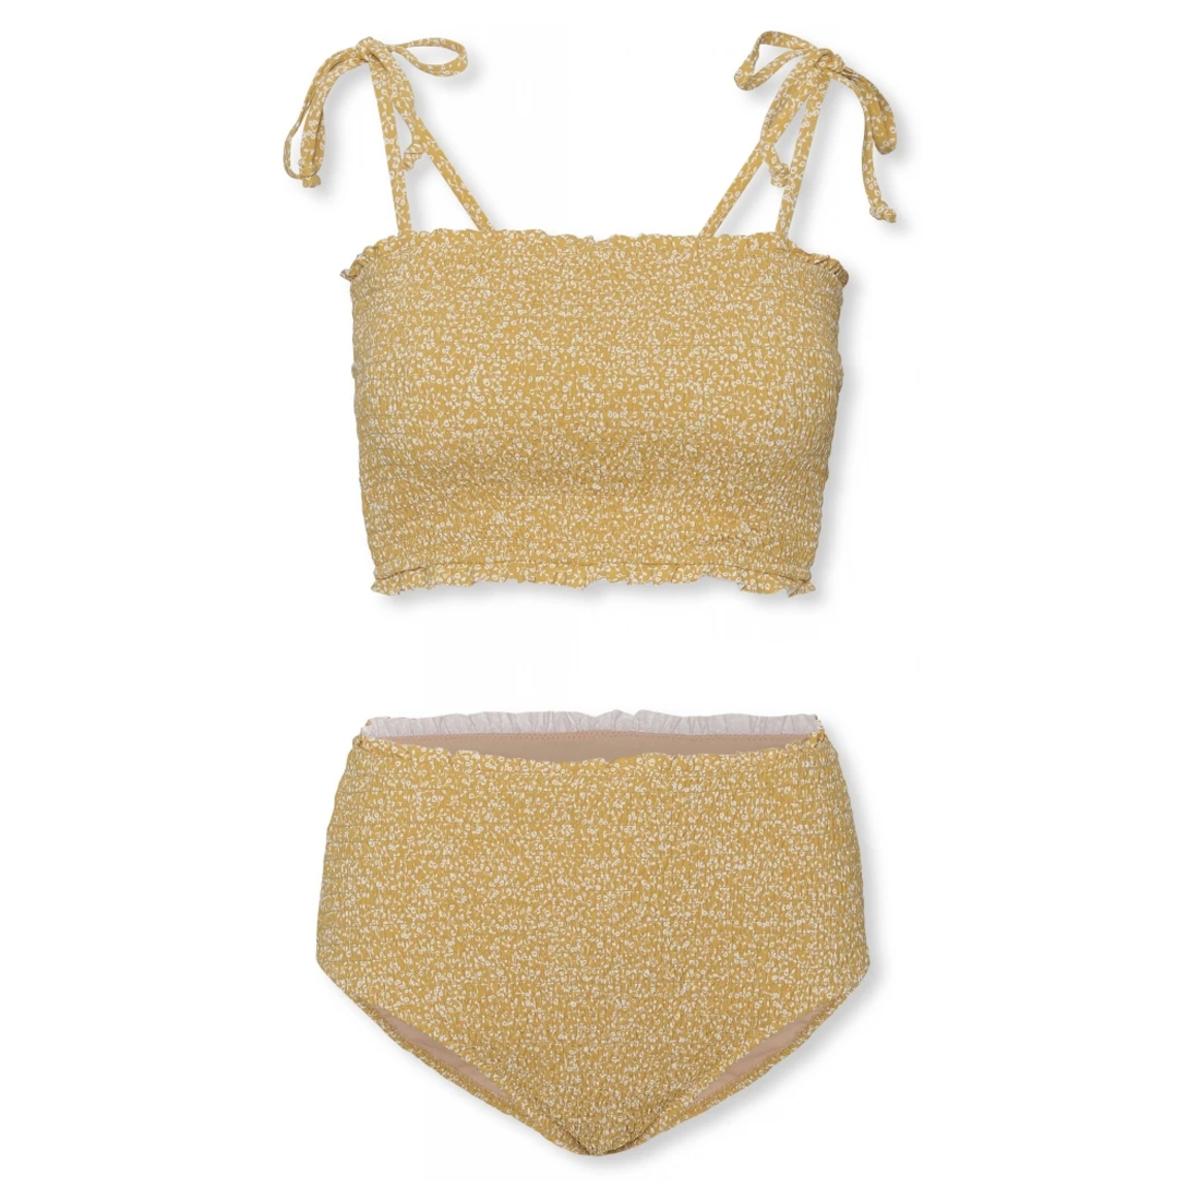 Accessoires bébé Bikini pour Maman Blossom Mist - Taille S